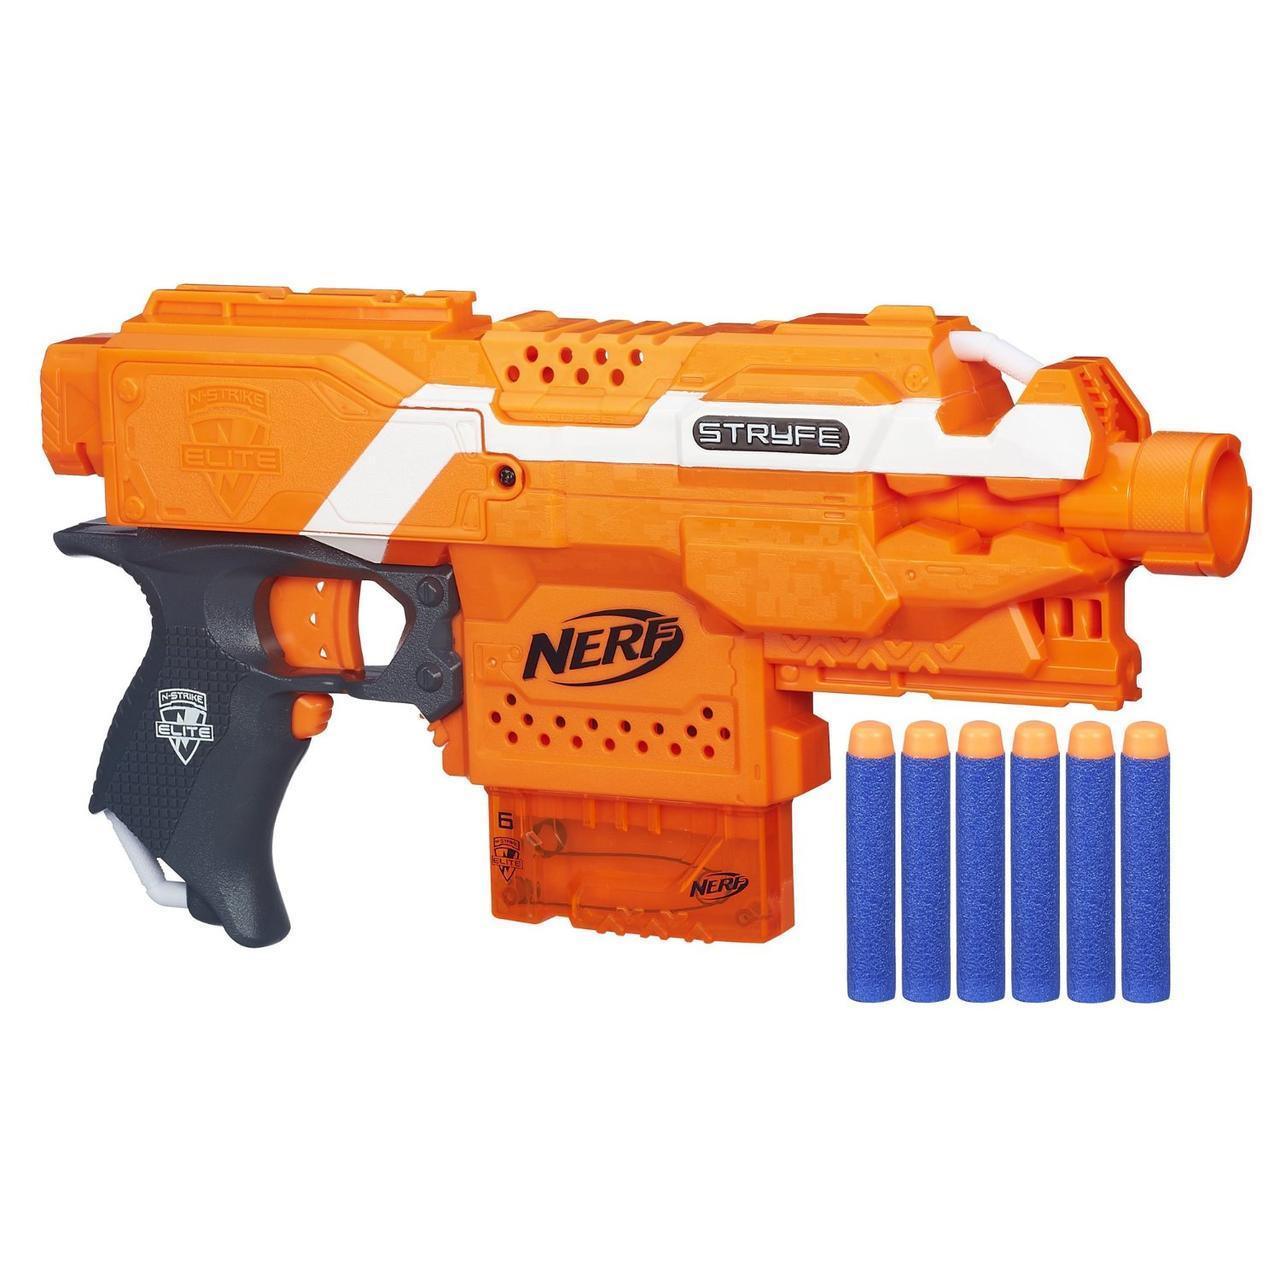 Бластер Нерф Бластер Элит Страйф Nerf N-Strike Elite Stryfe Blaster